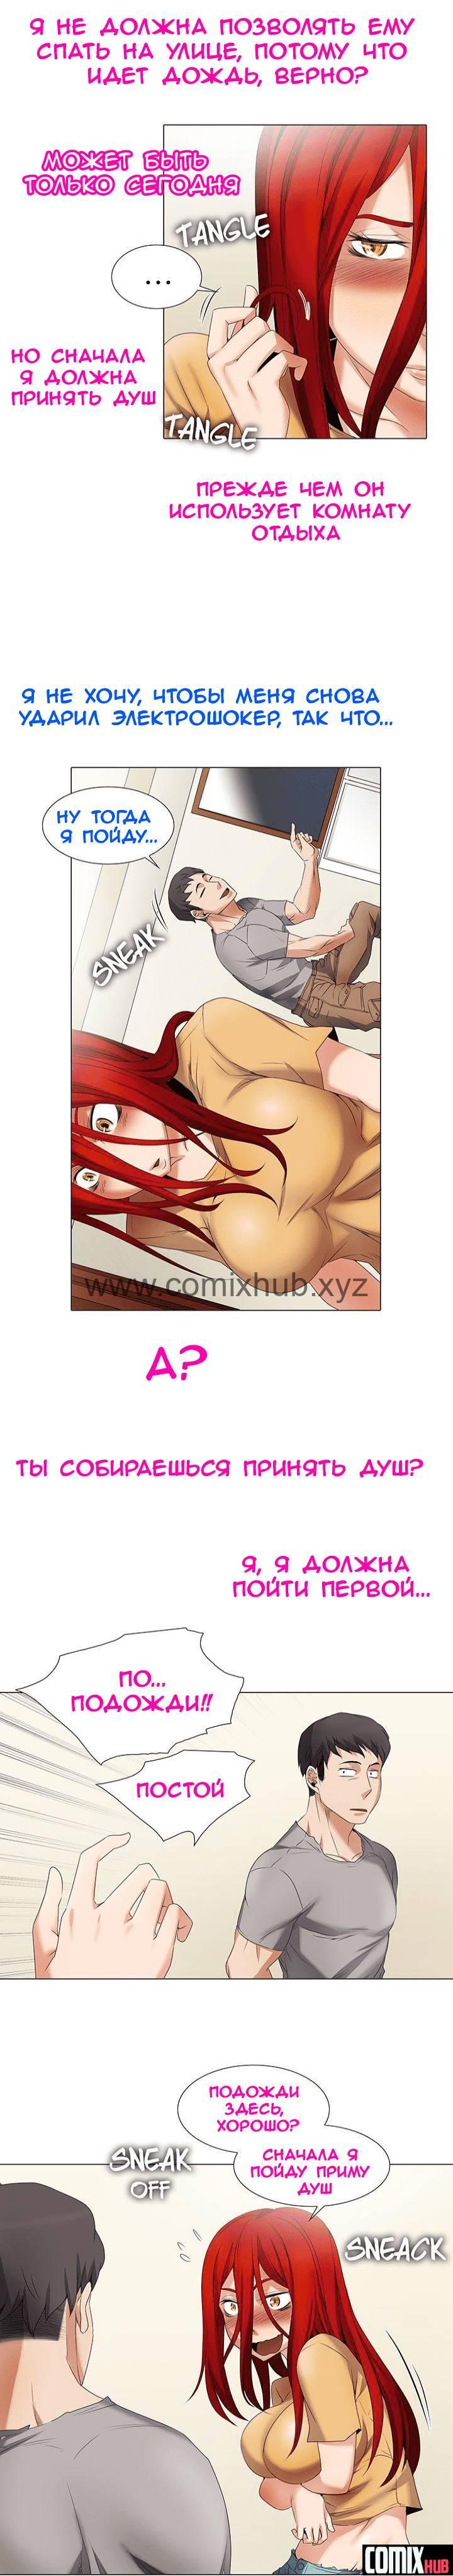 Манхва Художники для взрослых, часть 12 Без цензуры, Большая грудь, Большая попа, Хентай манга, манхва